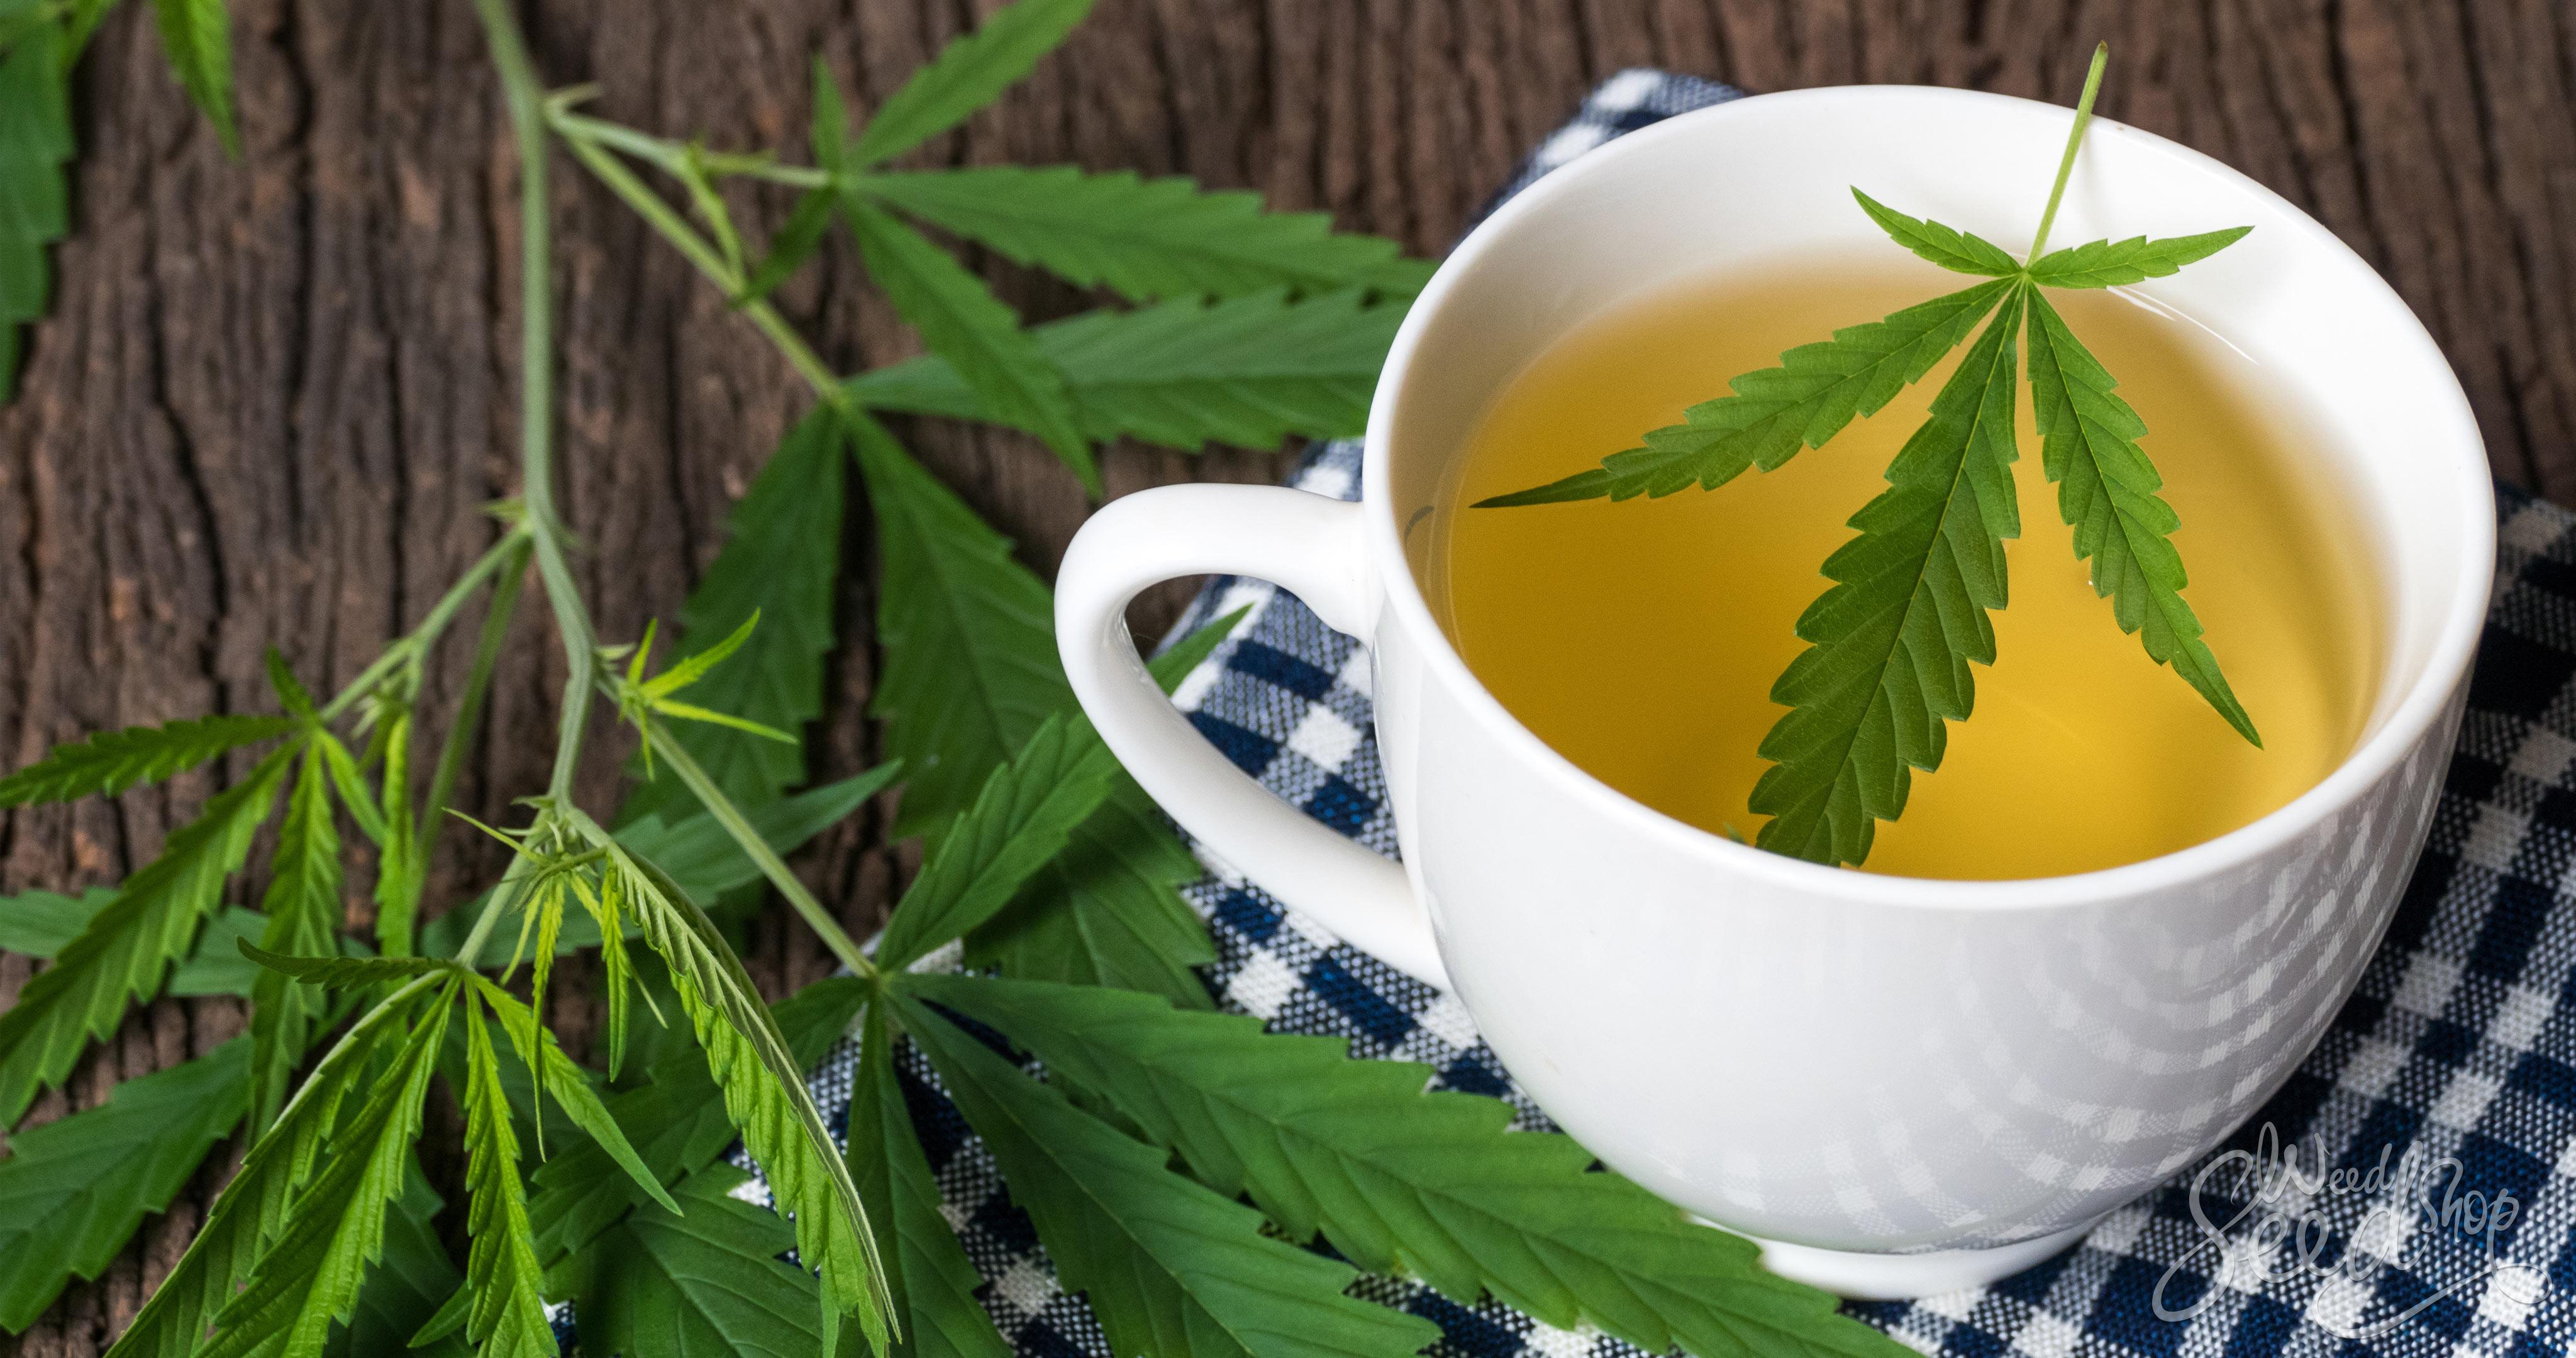 Somministrazione di prodotti a base di cannabis a scopo terapeutico